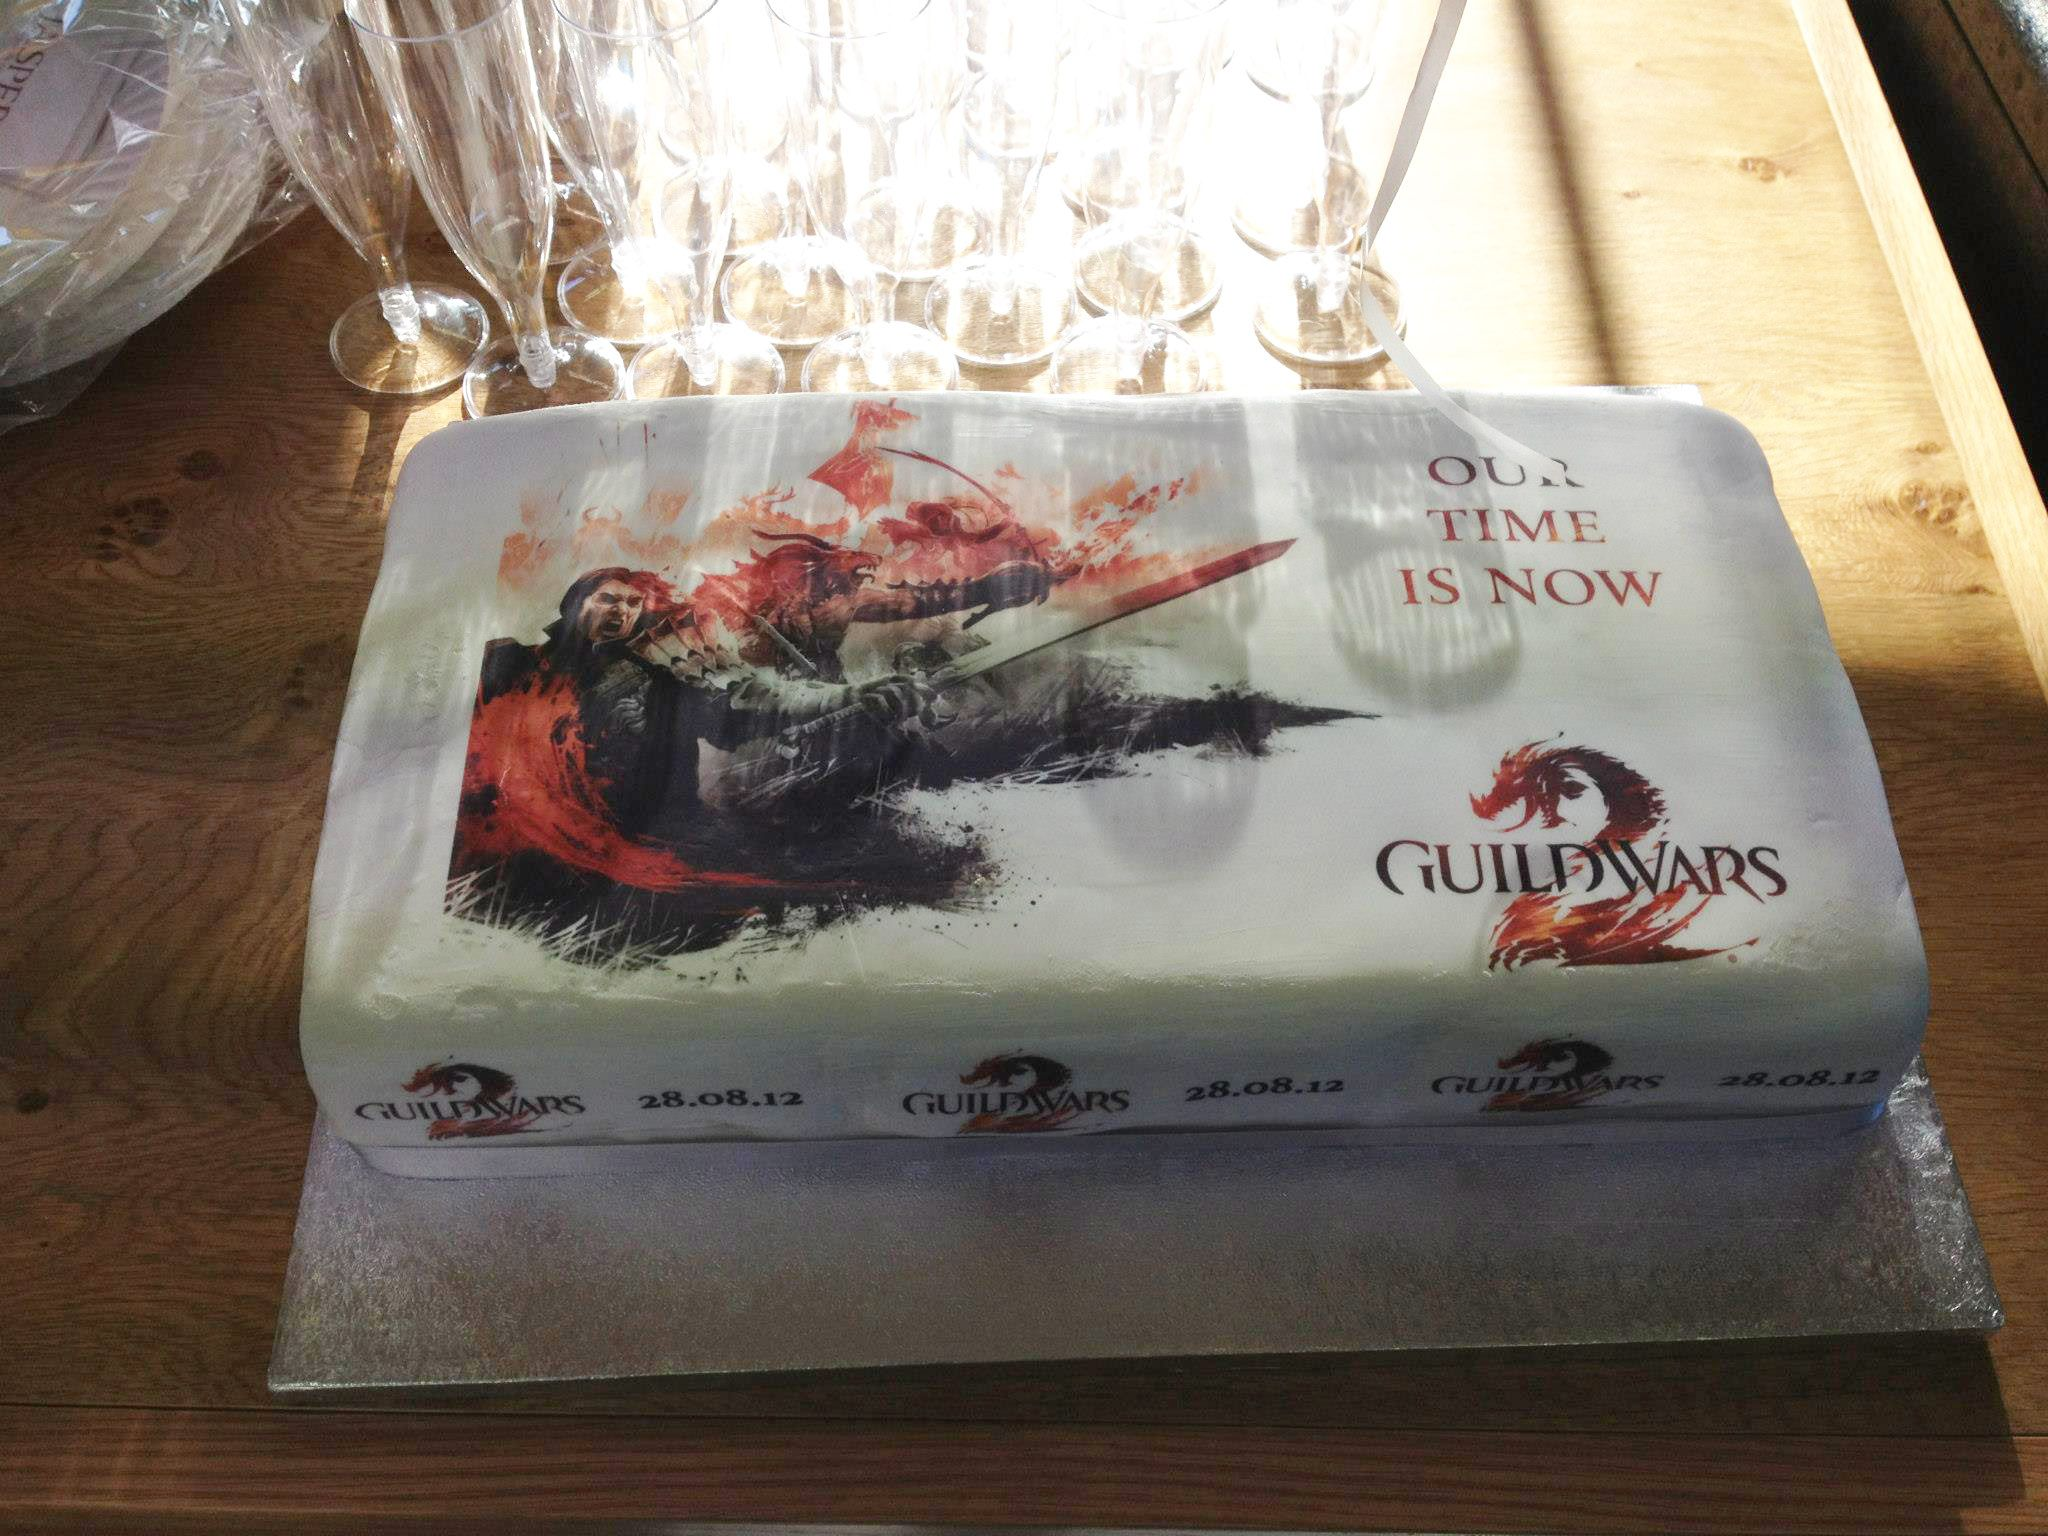 Guild Wars 2 Cake